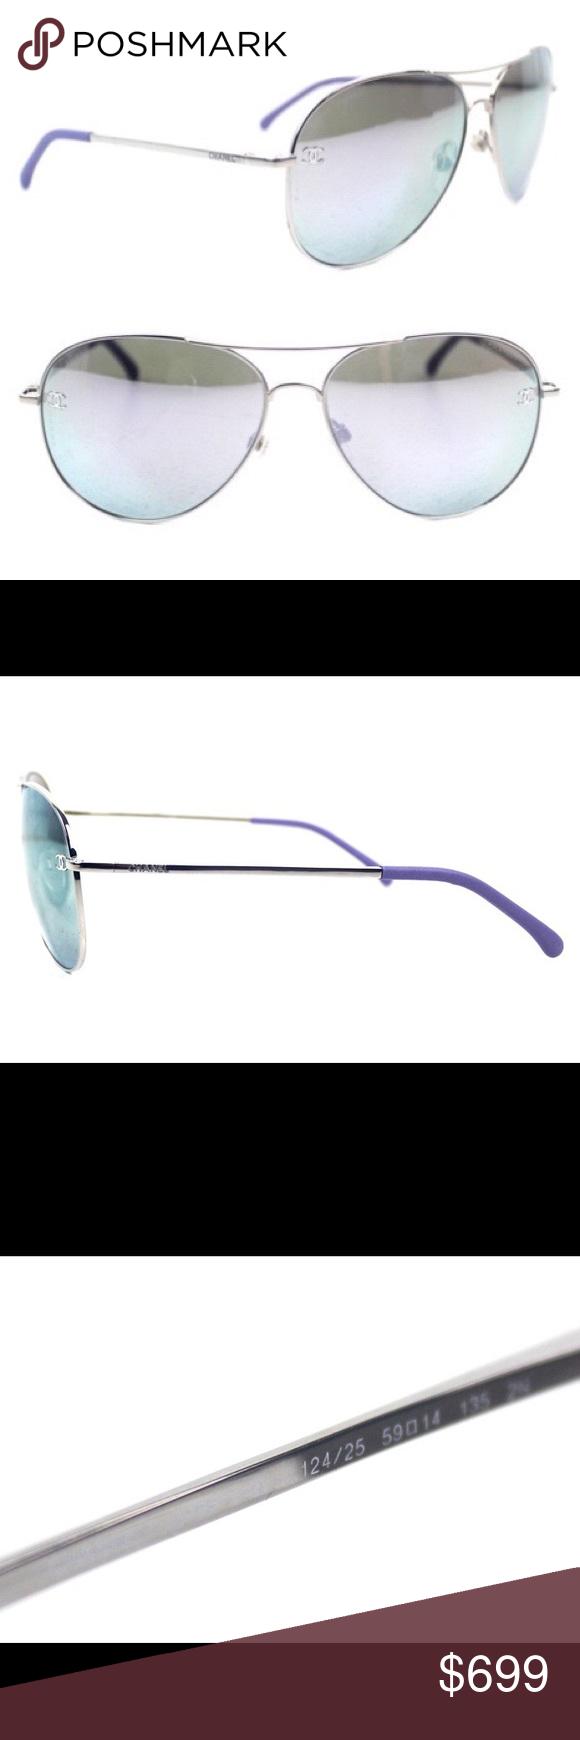 37435fa0edc Chanel Mirror Aviator Pilot Sunglasses New 4189 Authentic Chanel Purple Mirror  Aviator Pilot Sunglasses. The above Chanel sunglasses are in new condition  ...